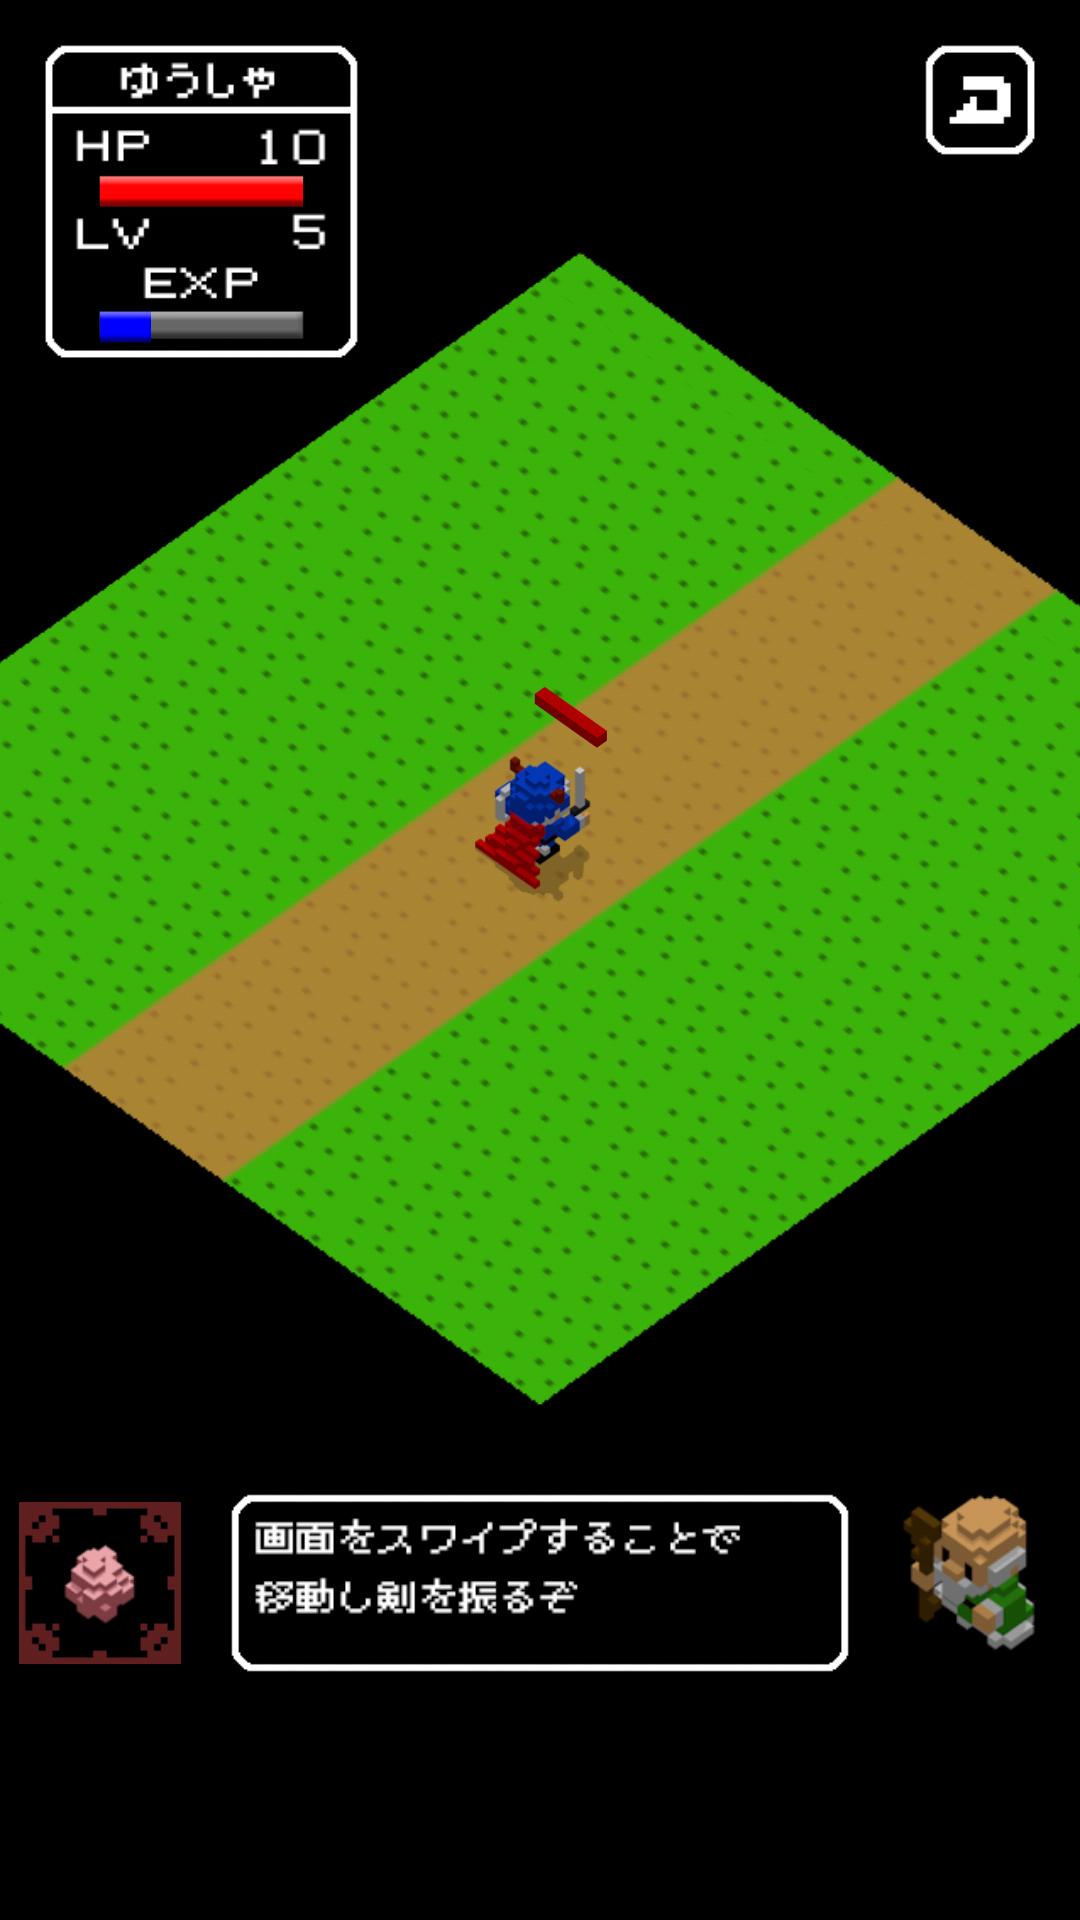 androidアプリ デーモンクエスト(Demon Quest)攻略スクリーンショット1